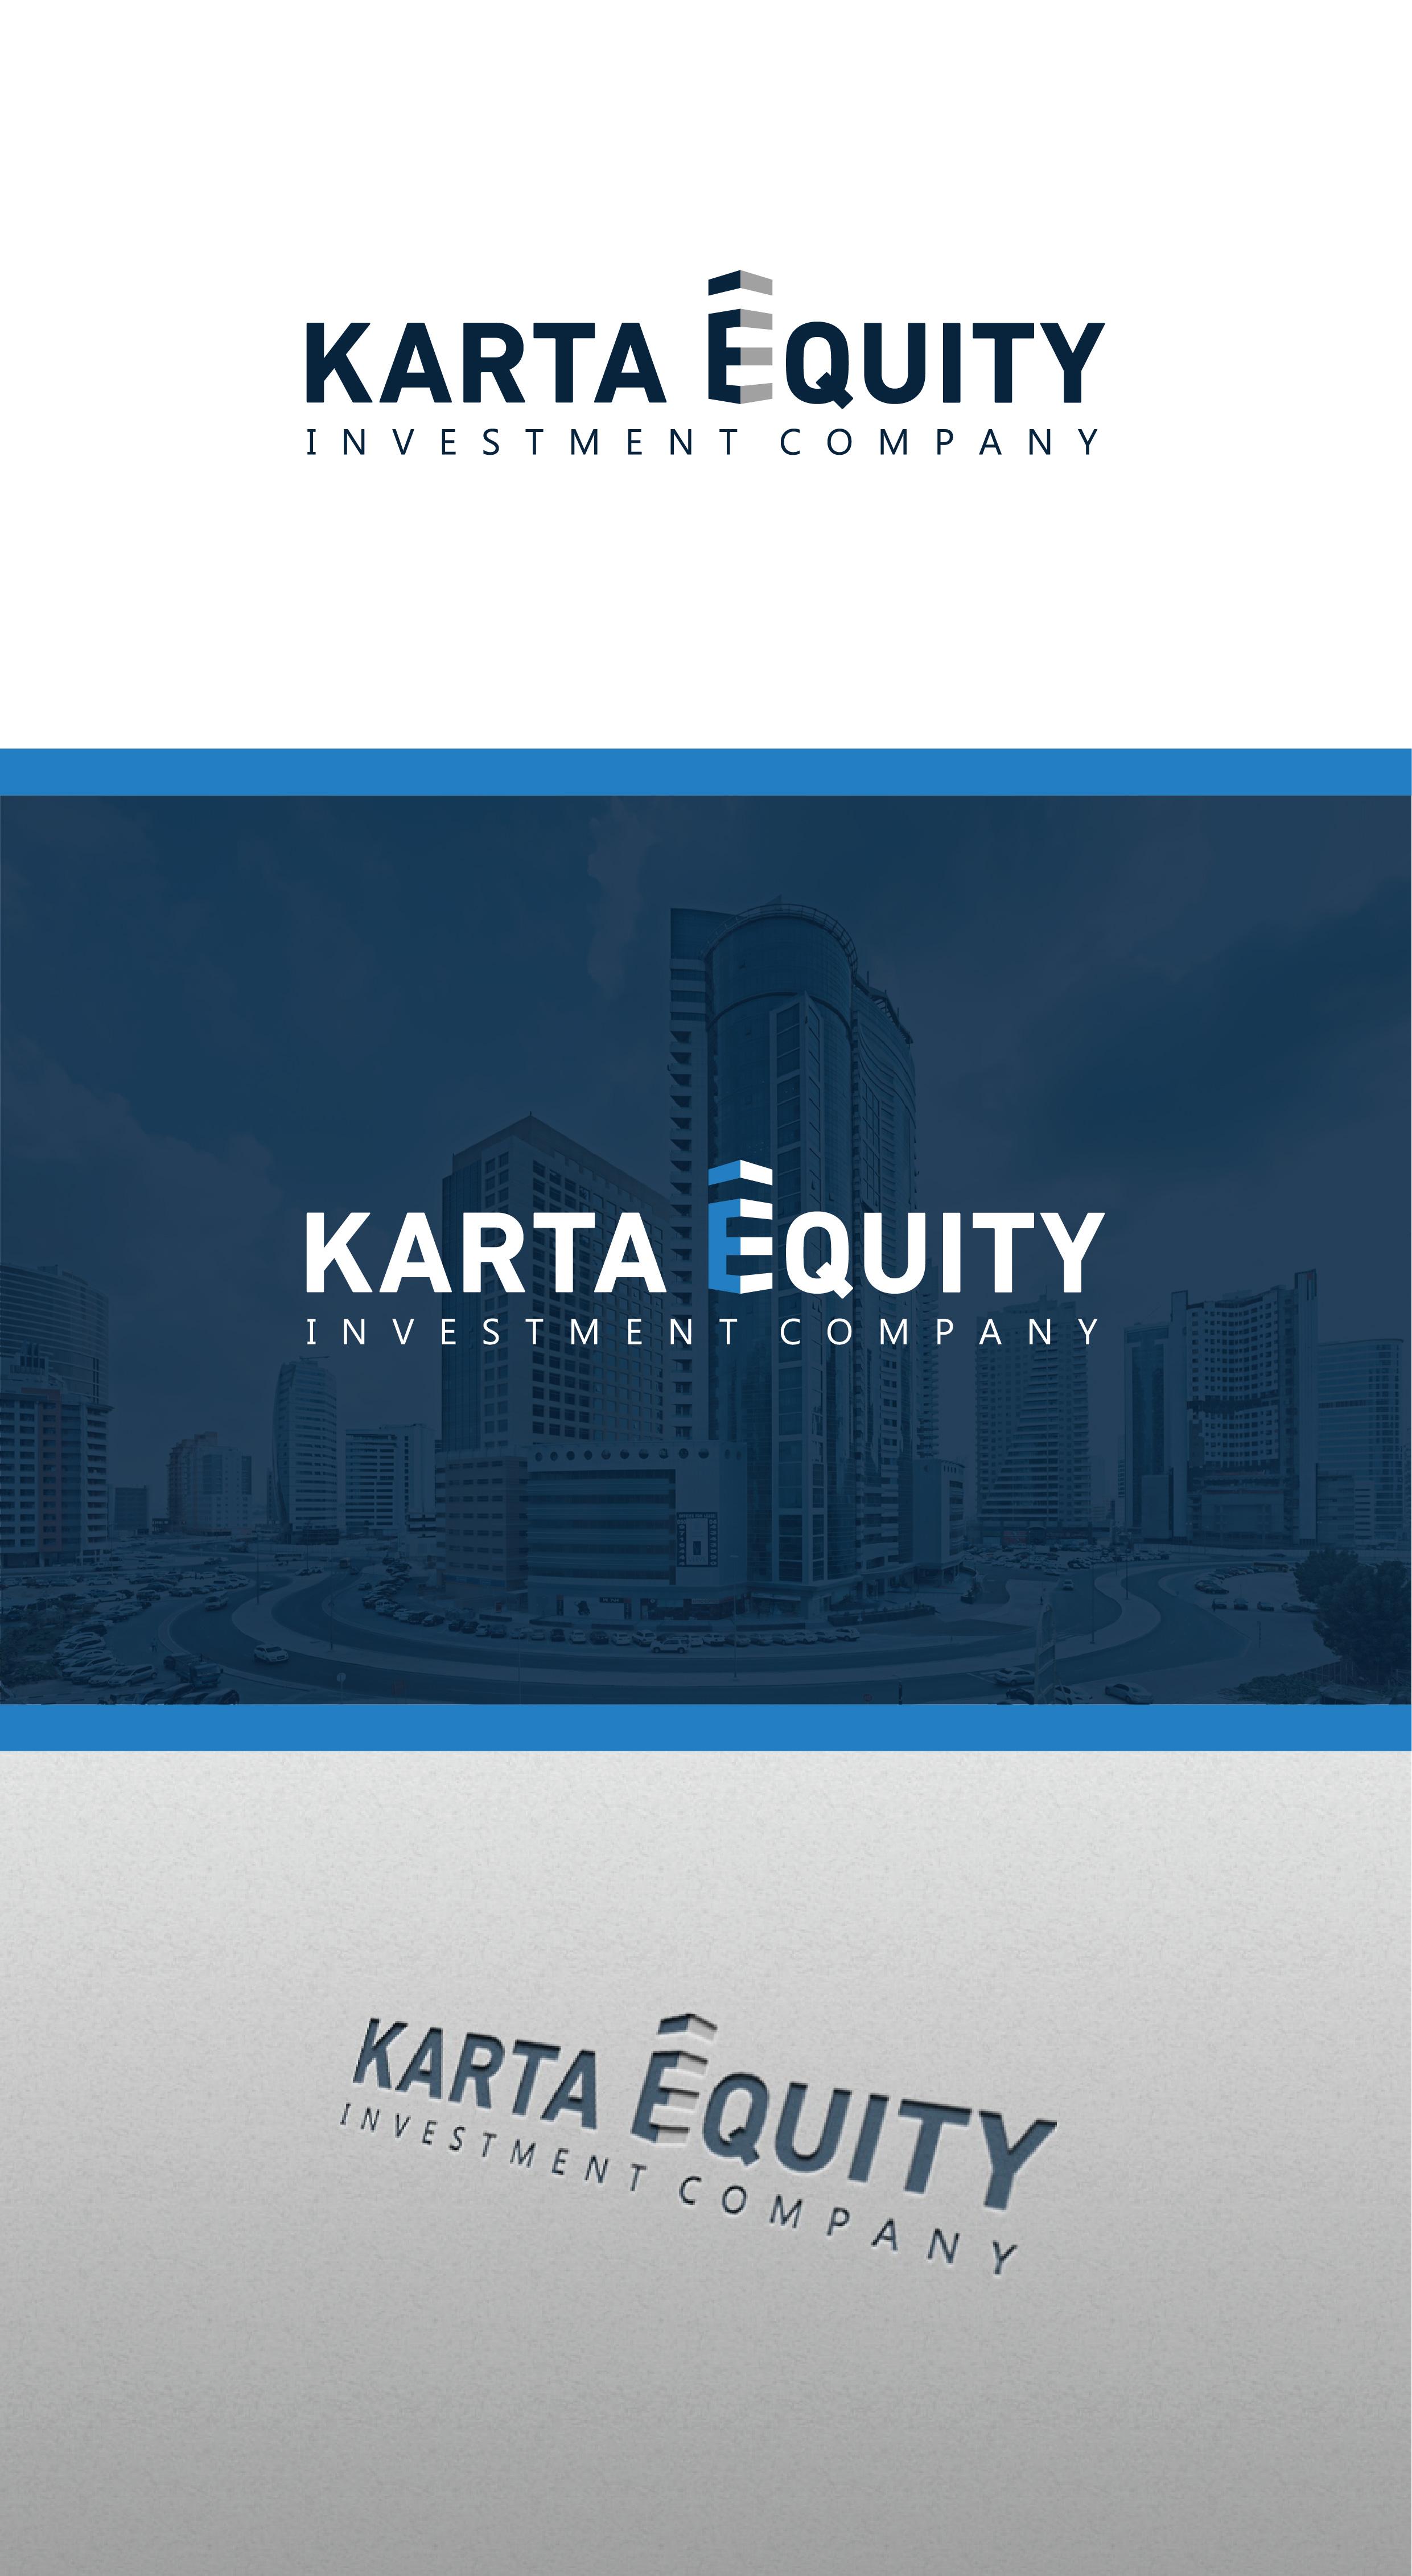 Логотип для компании инвестироваюшей в жилую недвижимость фото f_0155e15ff45d73ba.jpg